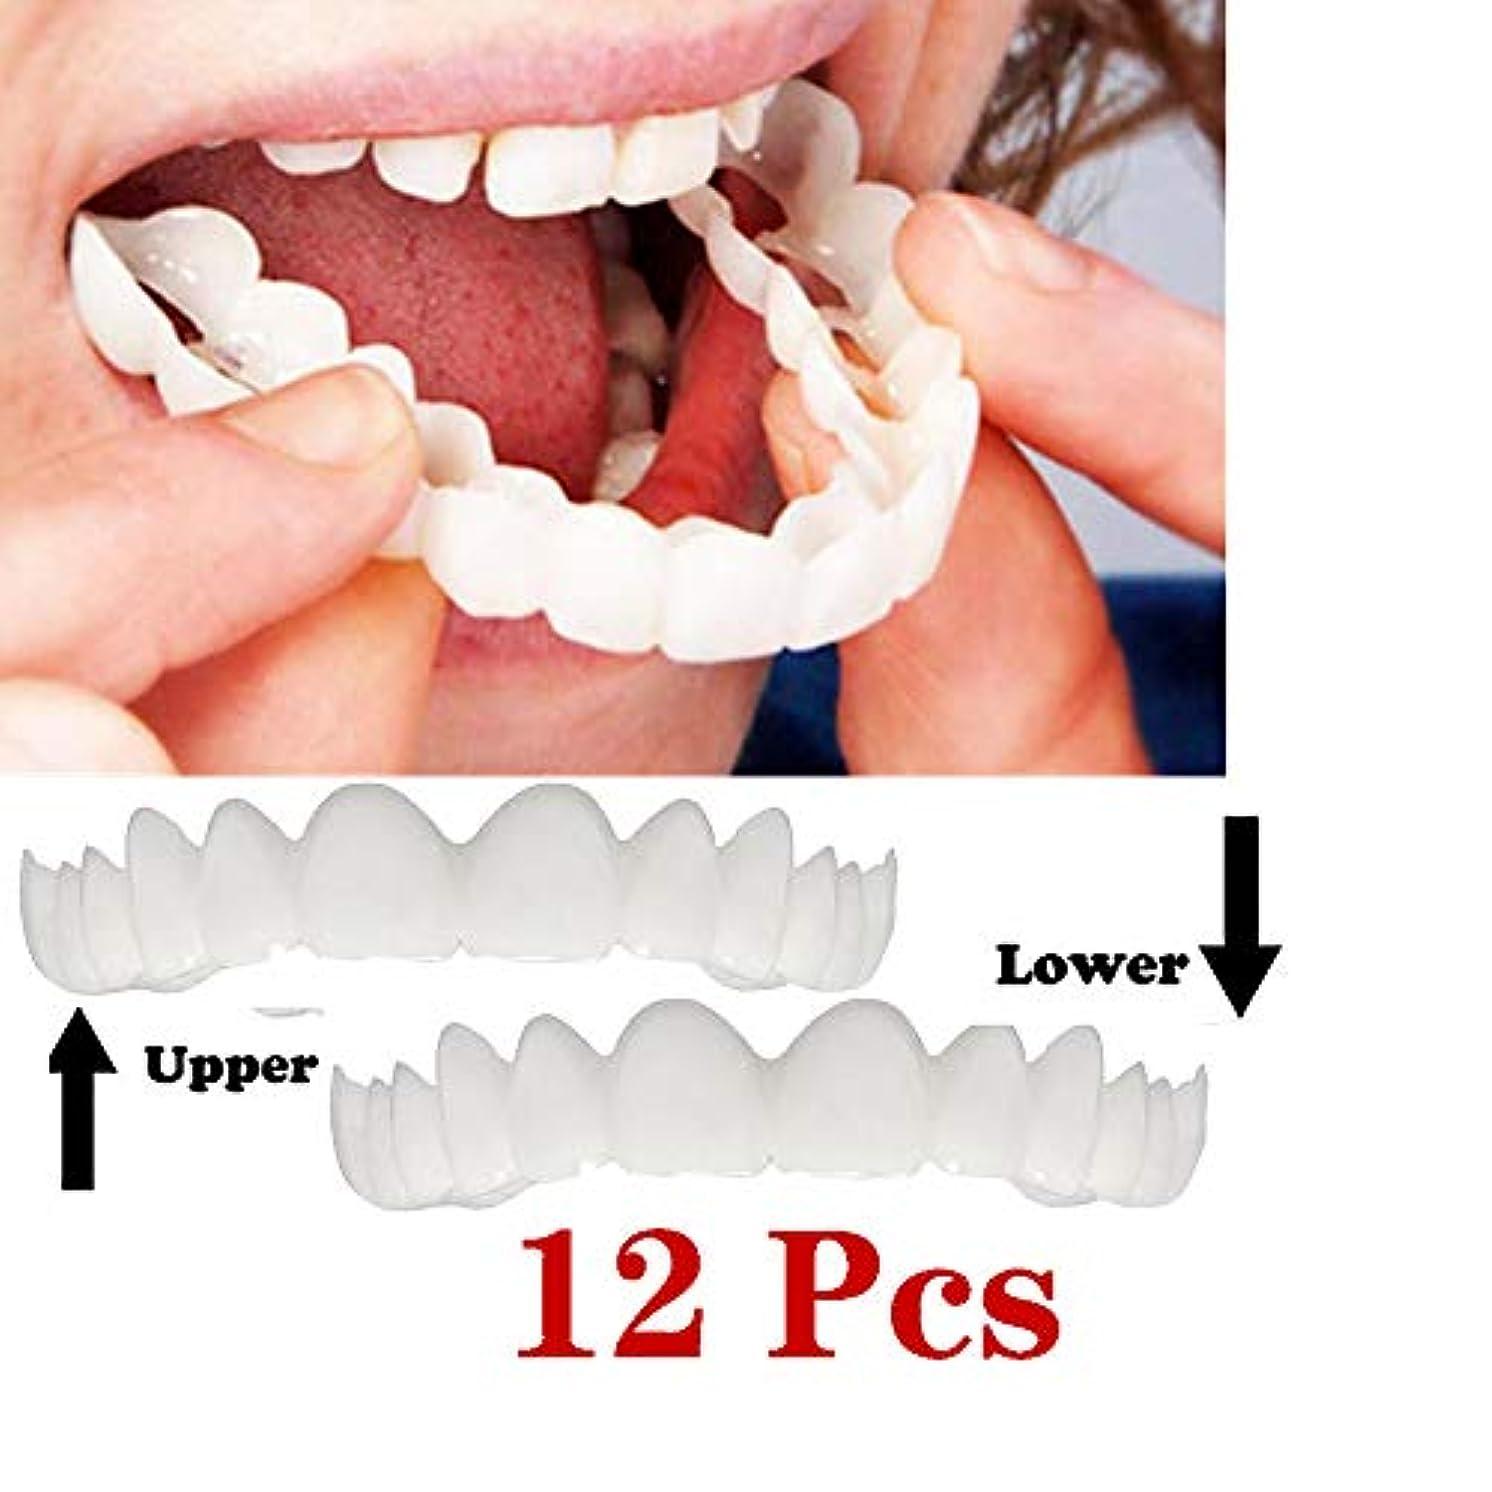 毎週ターミナルはさみインスタント快適なフレックスパーフェクトベニヤワンサイズフィットの歯のスナップキャップを白くする12個の上下の歯の化粧品のベニヤ、最も快適な義歯のケア